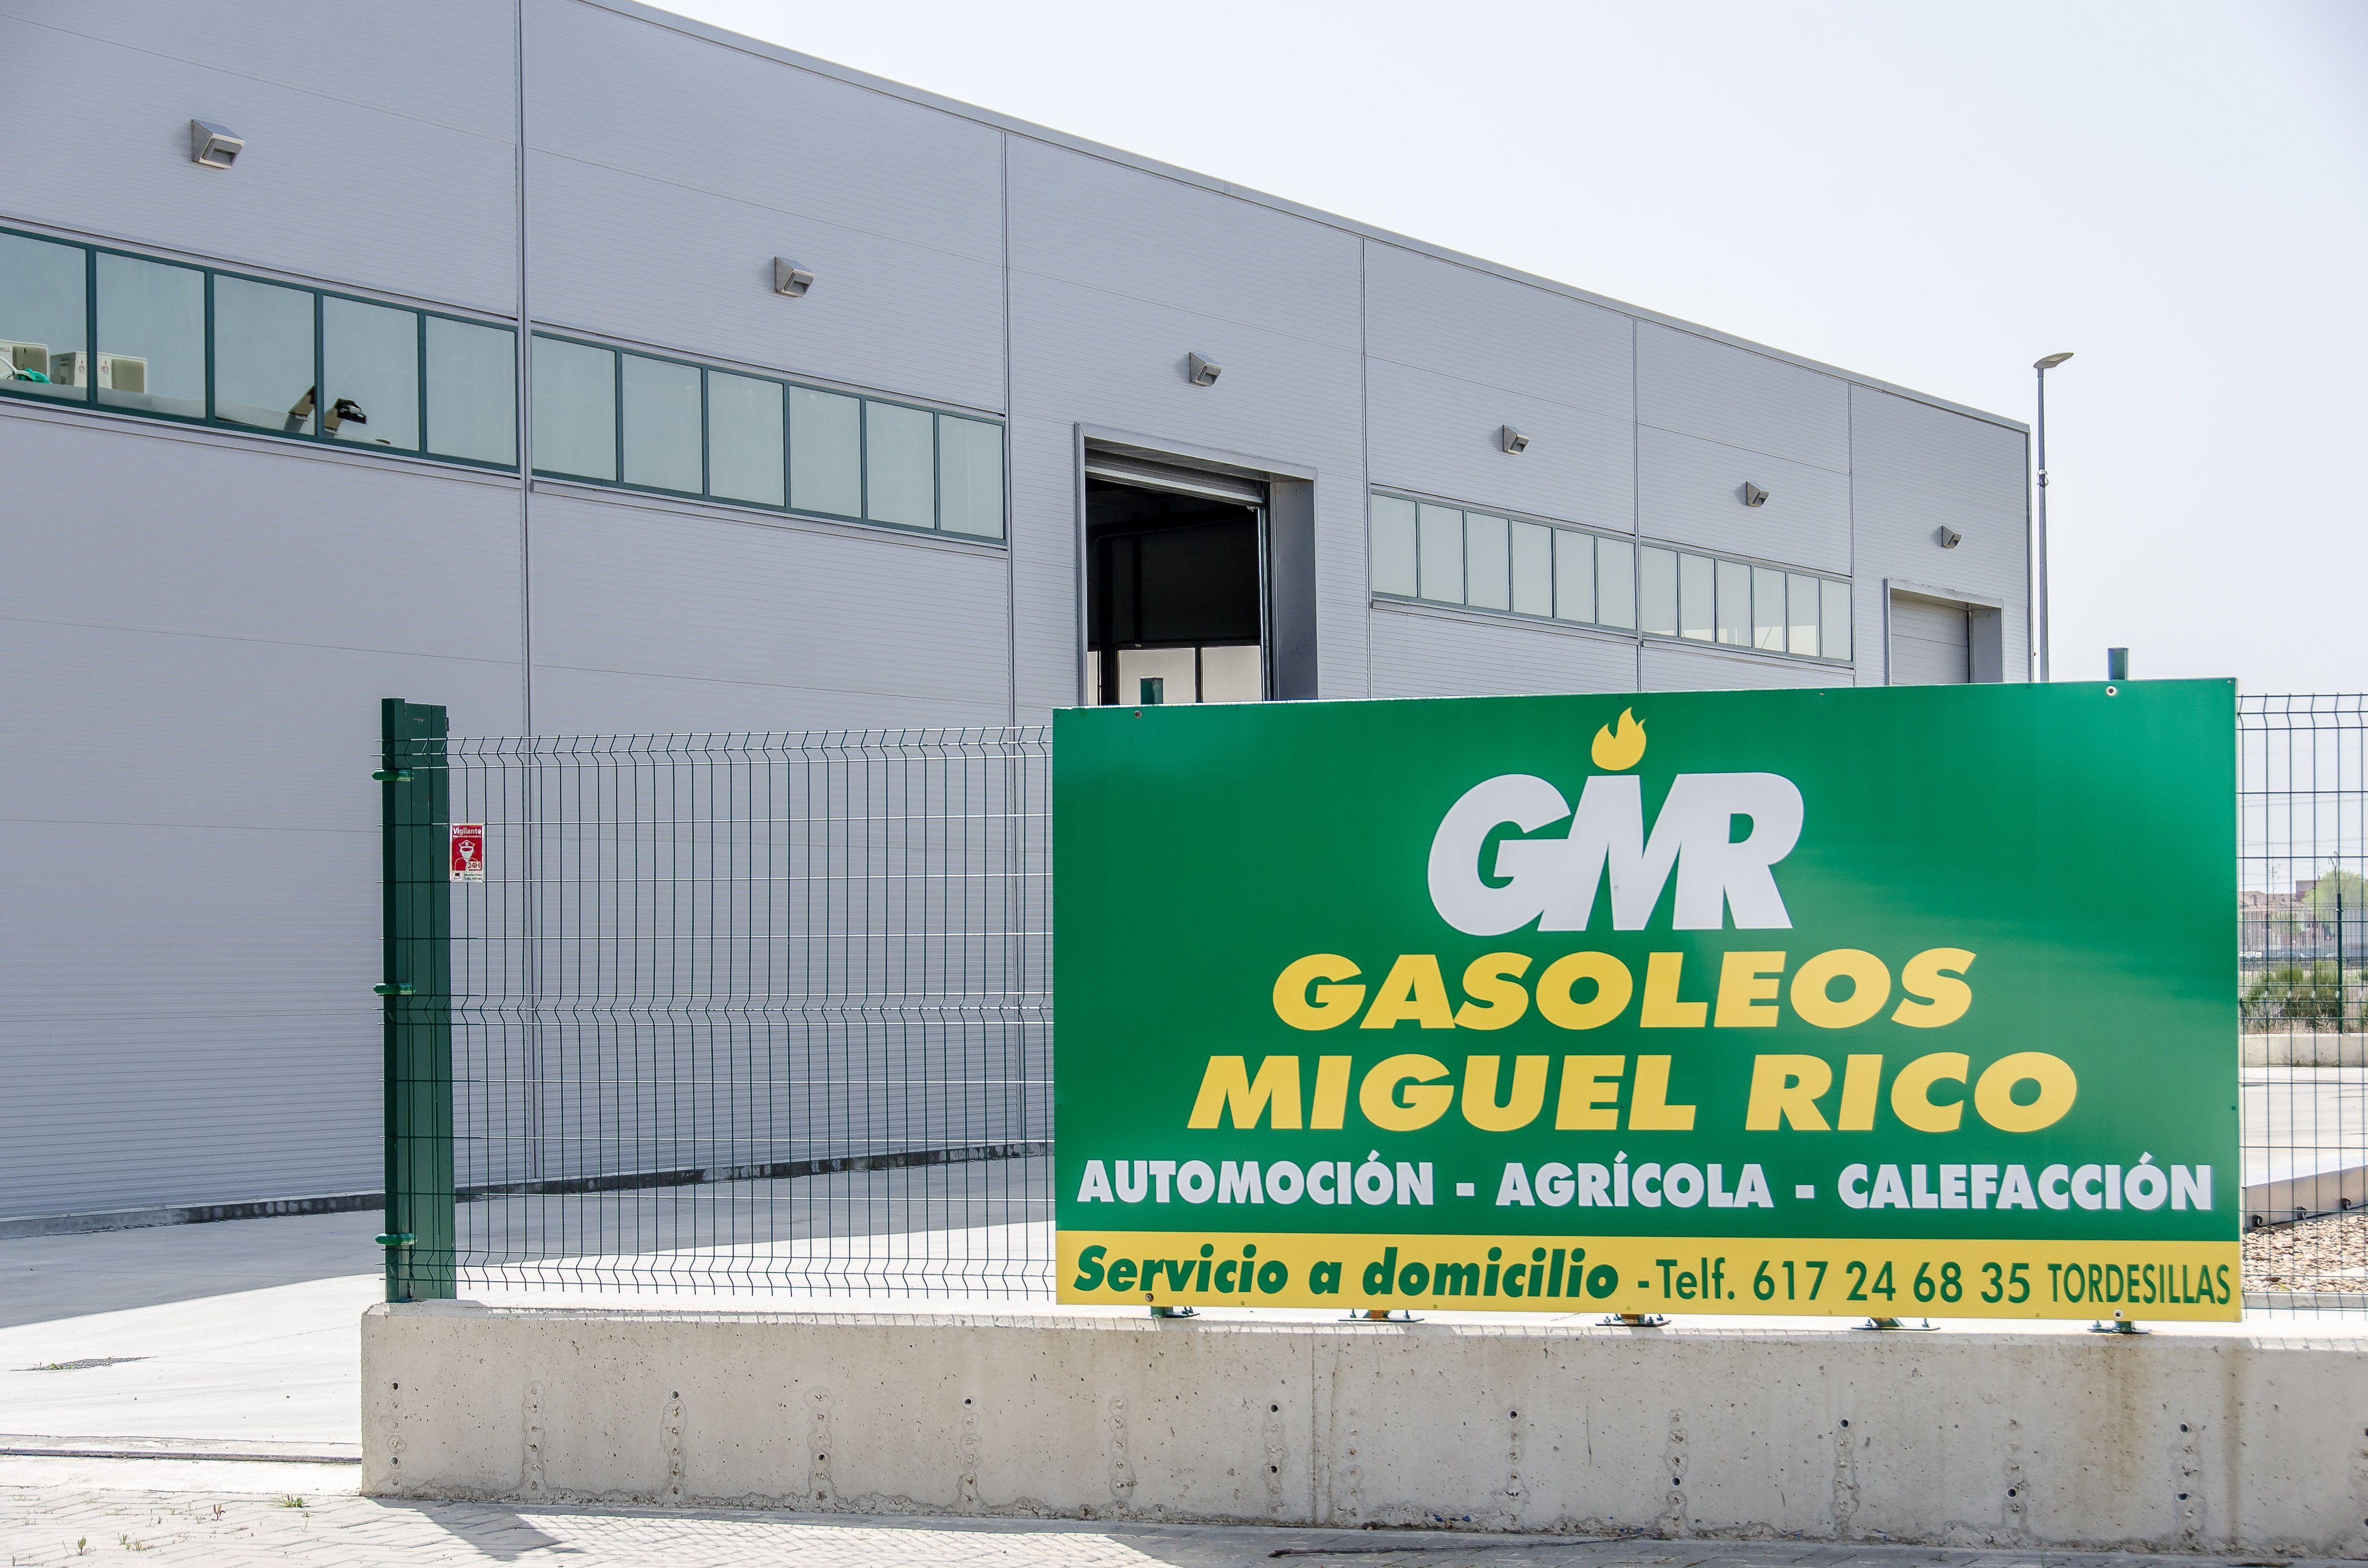 Suministramos gasóleo y adblue para la industria, la agricultura y el hogar